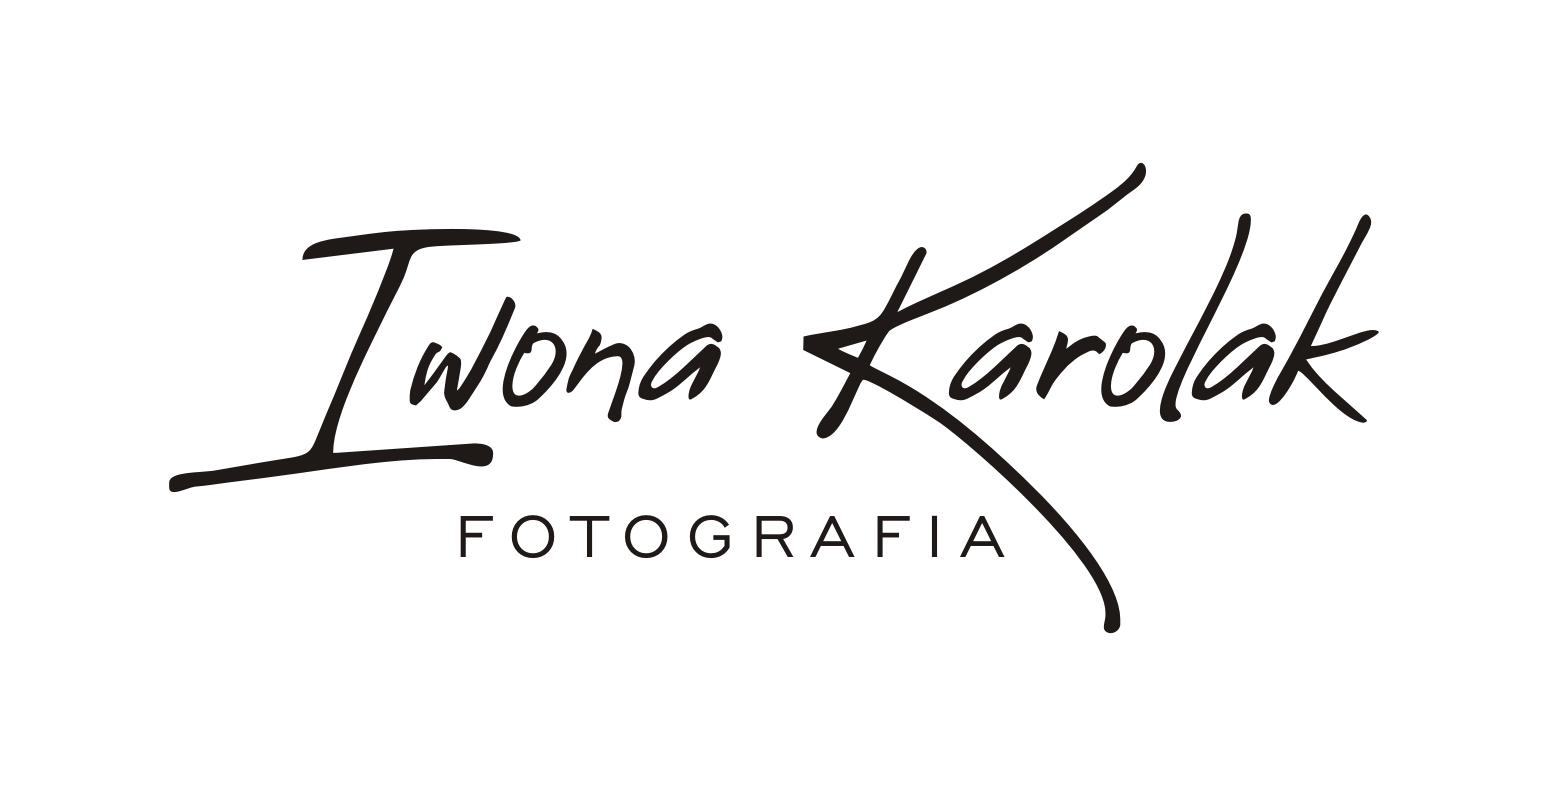 Iwona Karolak Fotografia